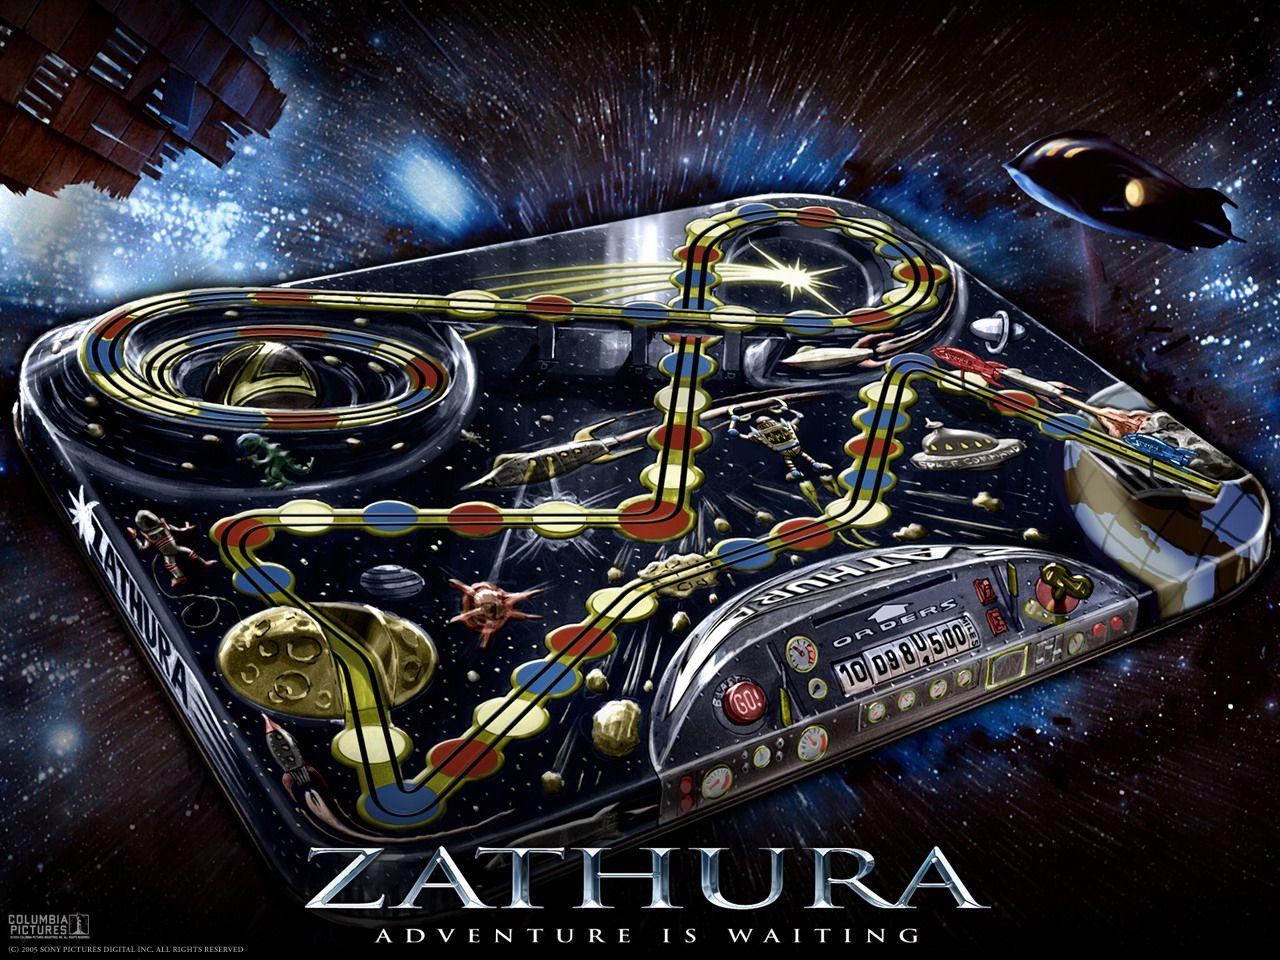 Zathura Zorgons Attack